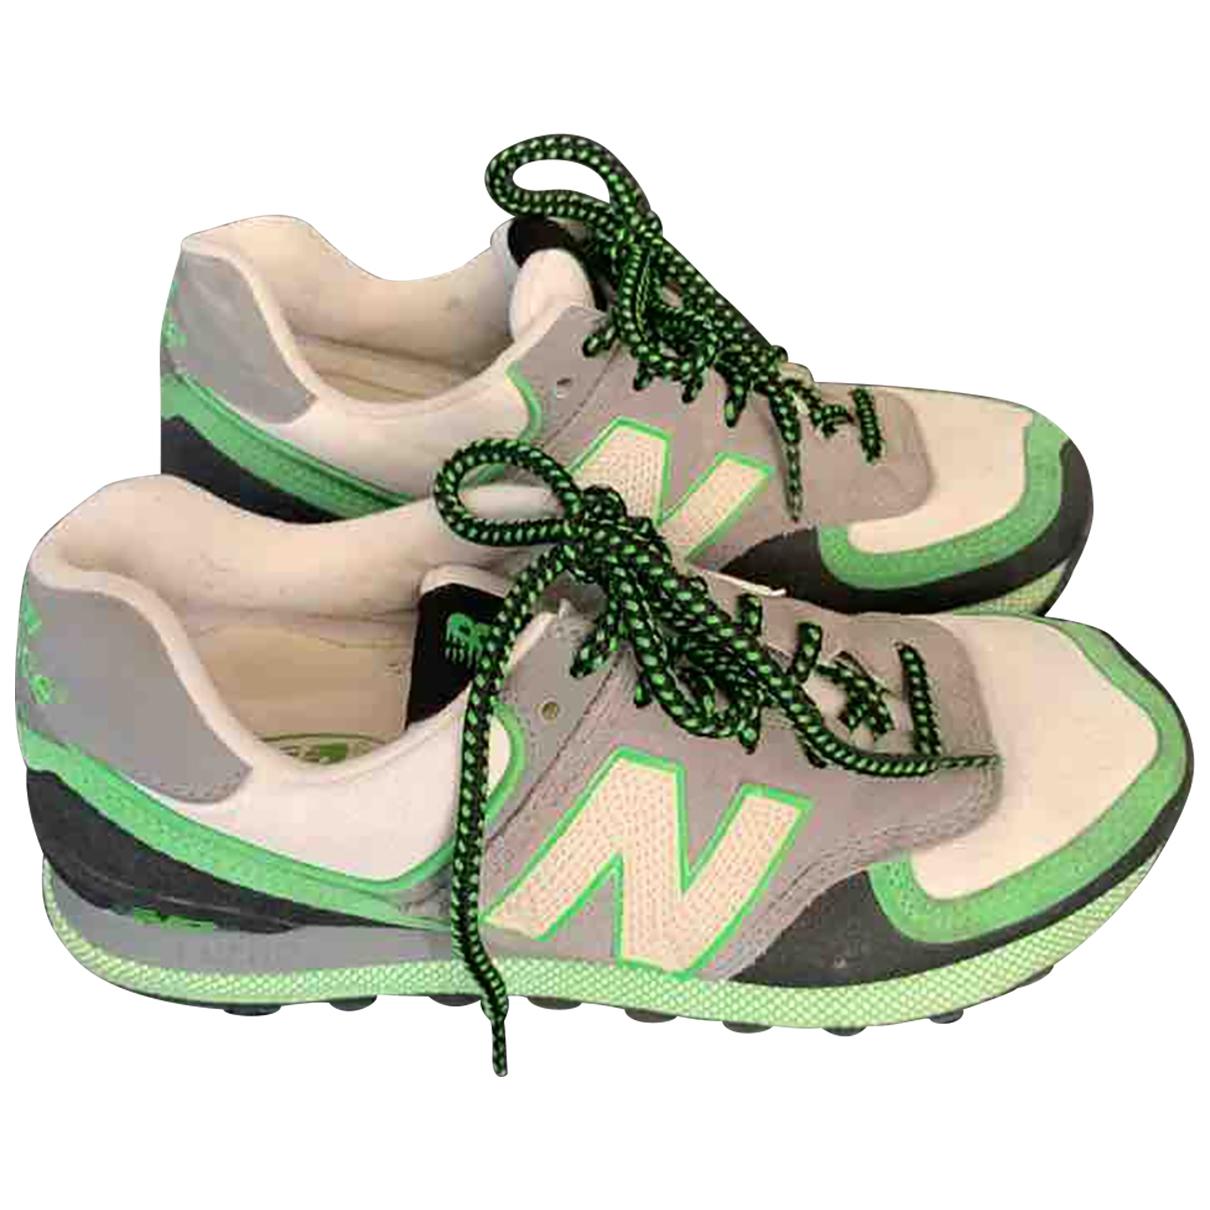 New Balance - Baskets   pour homme en caoutchouc - vert